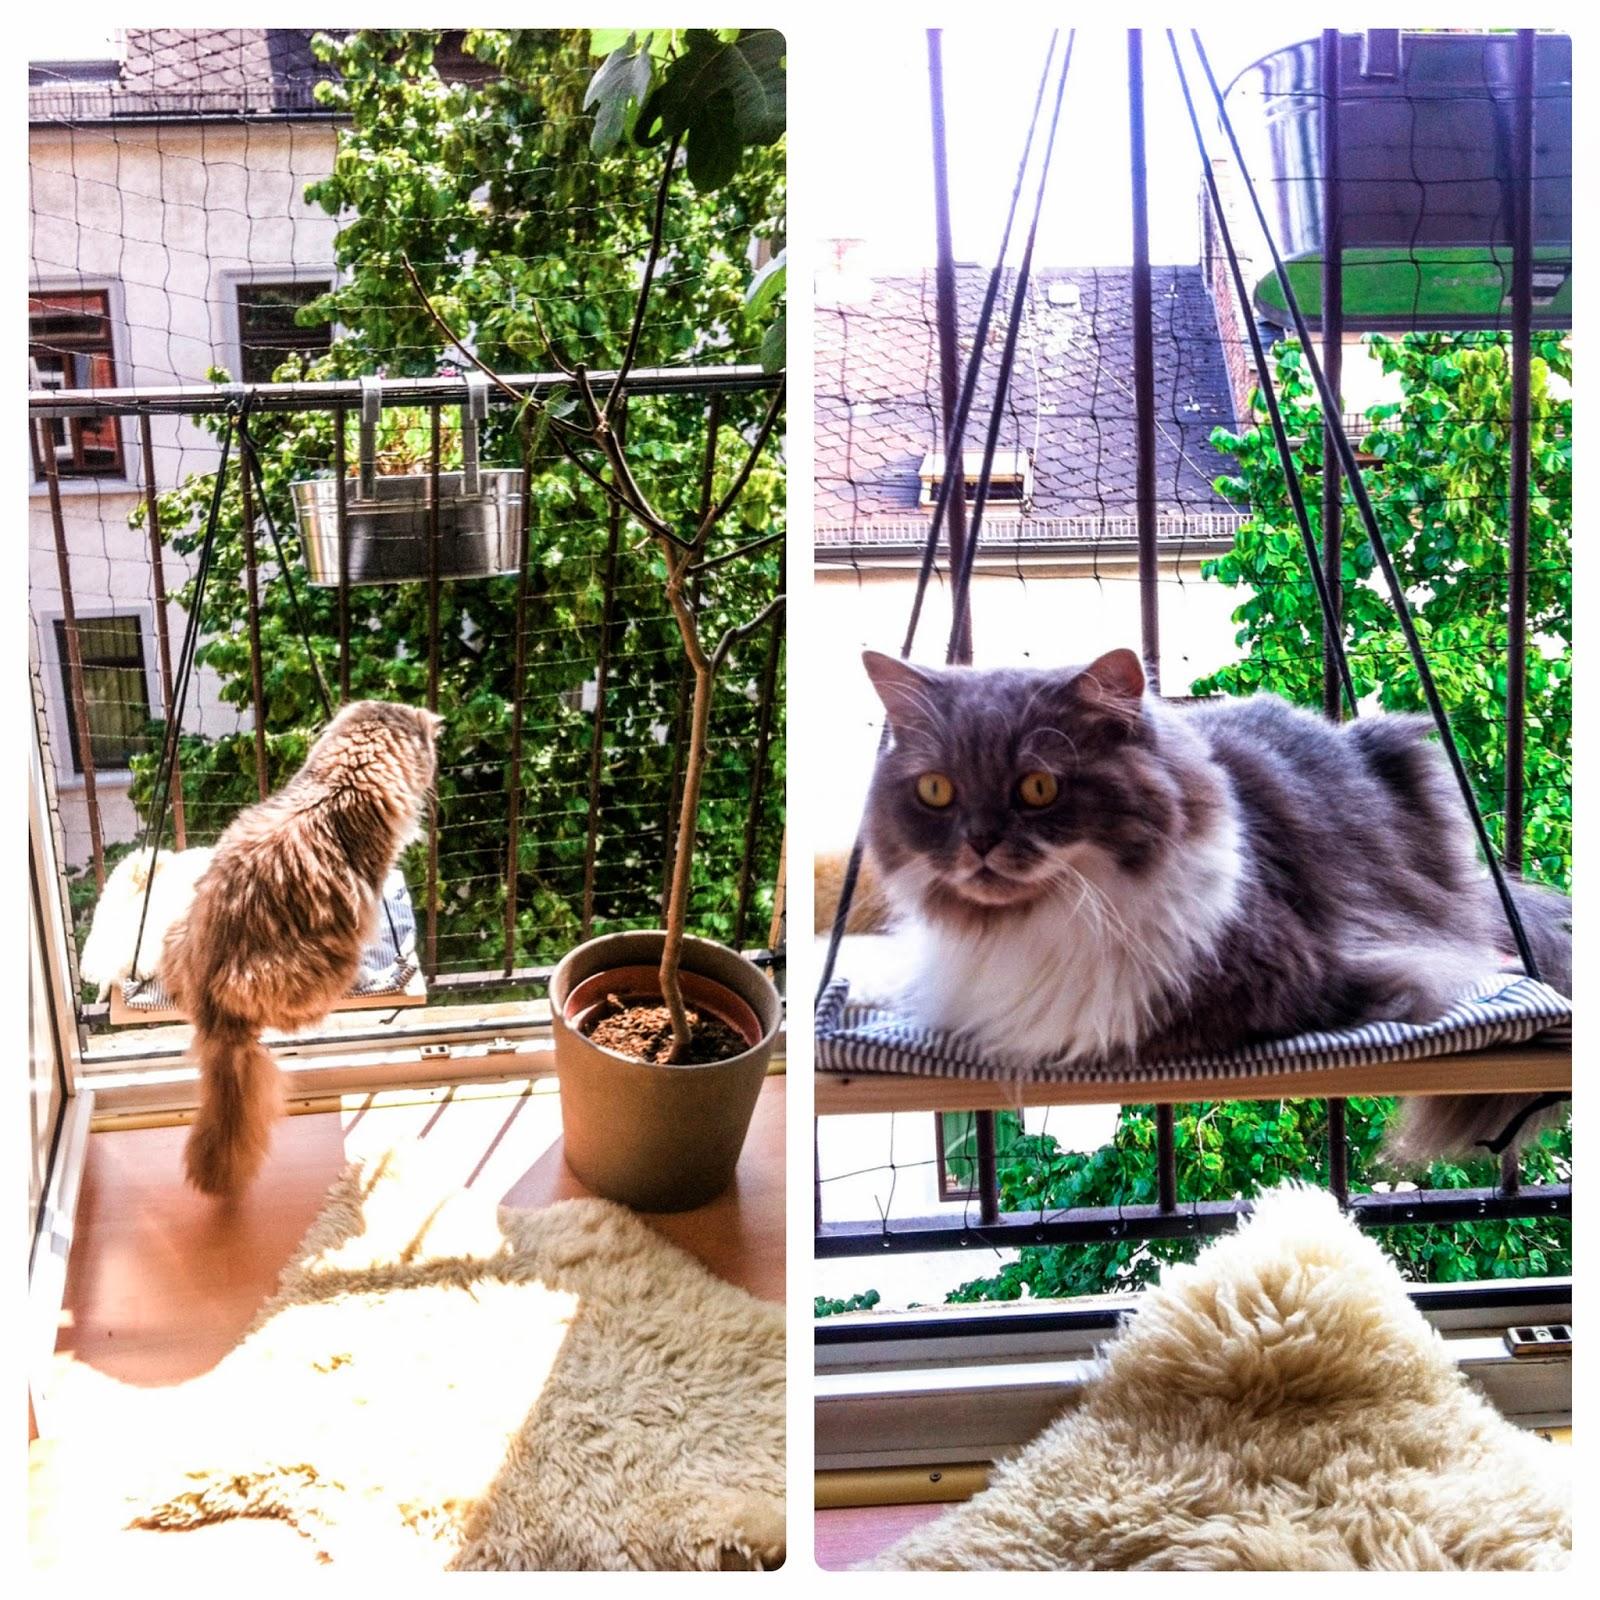 dicke w goldmarie sonne fruhling und ein vor With französischer balkon mit katzen im garten fernhalten